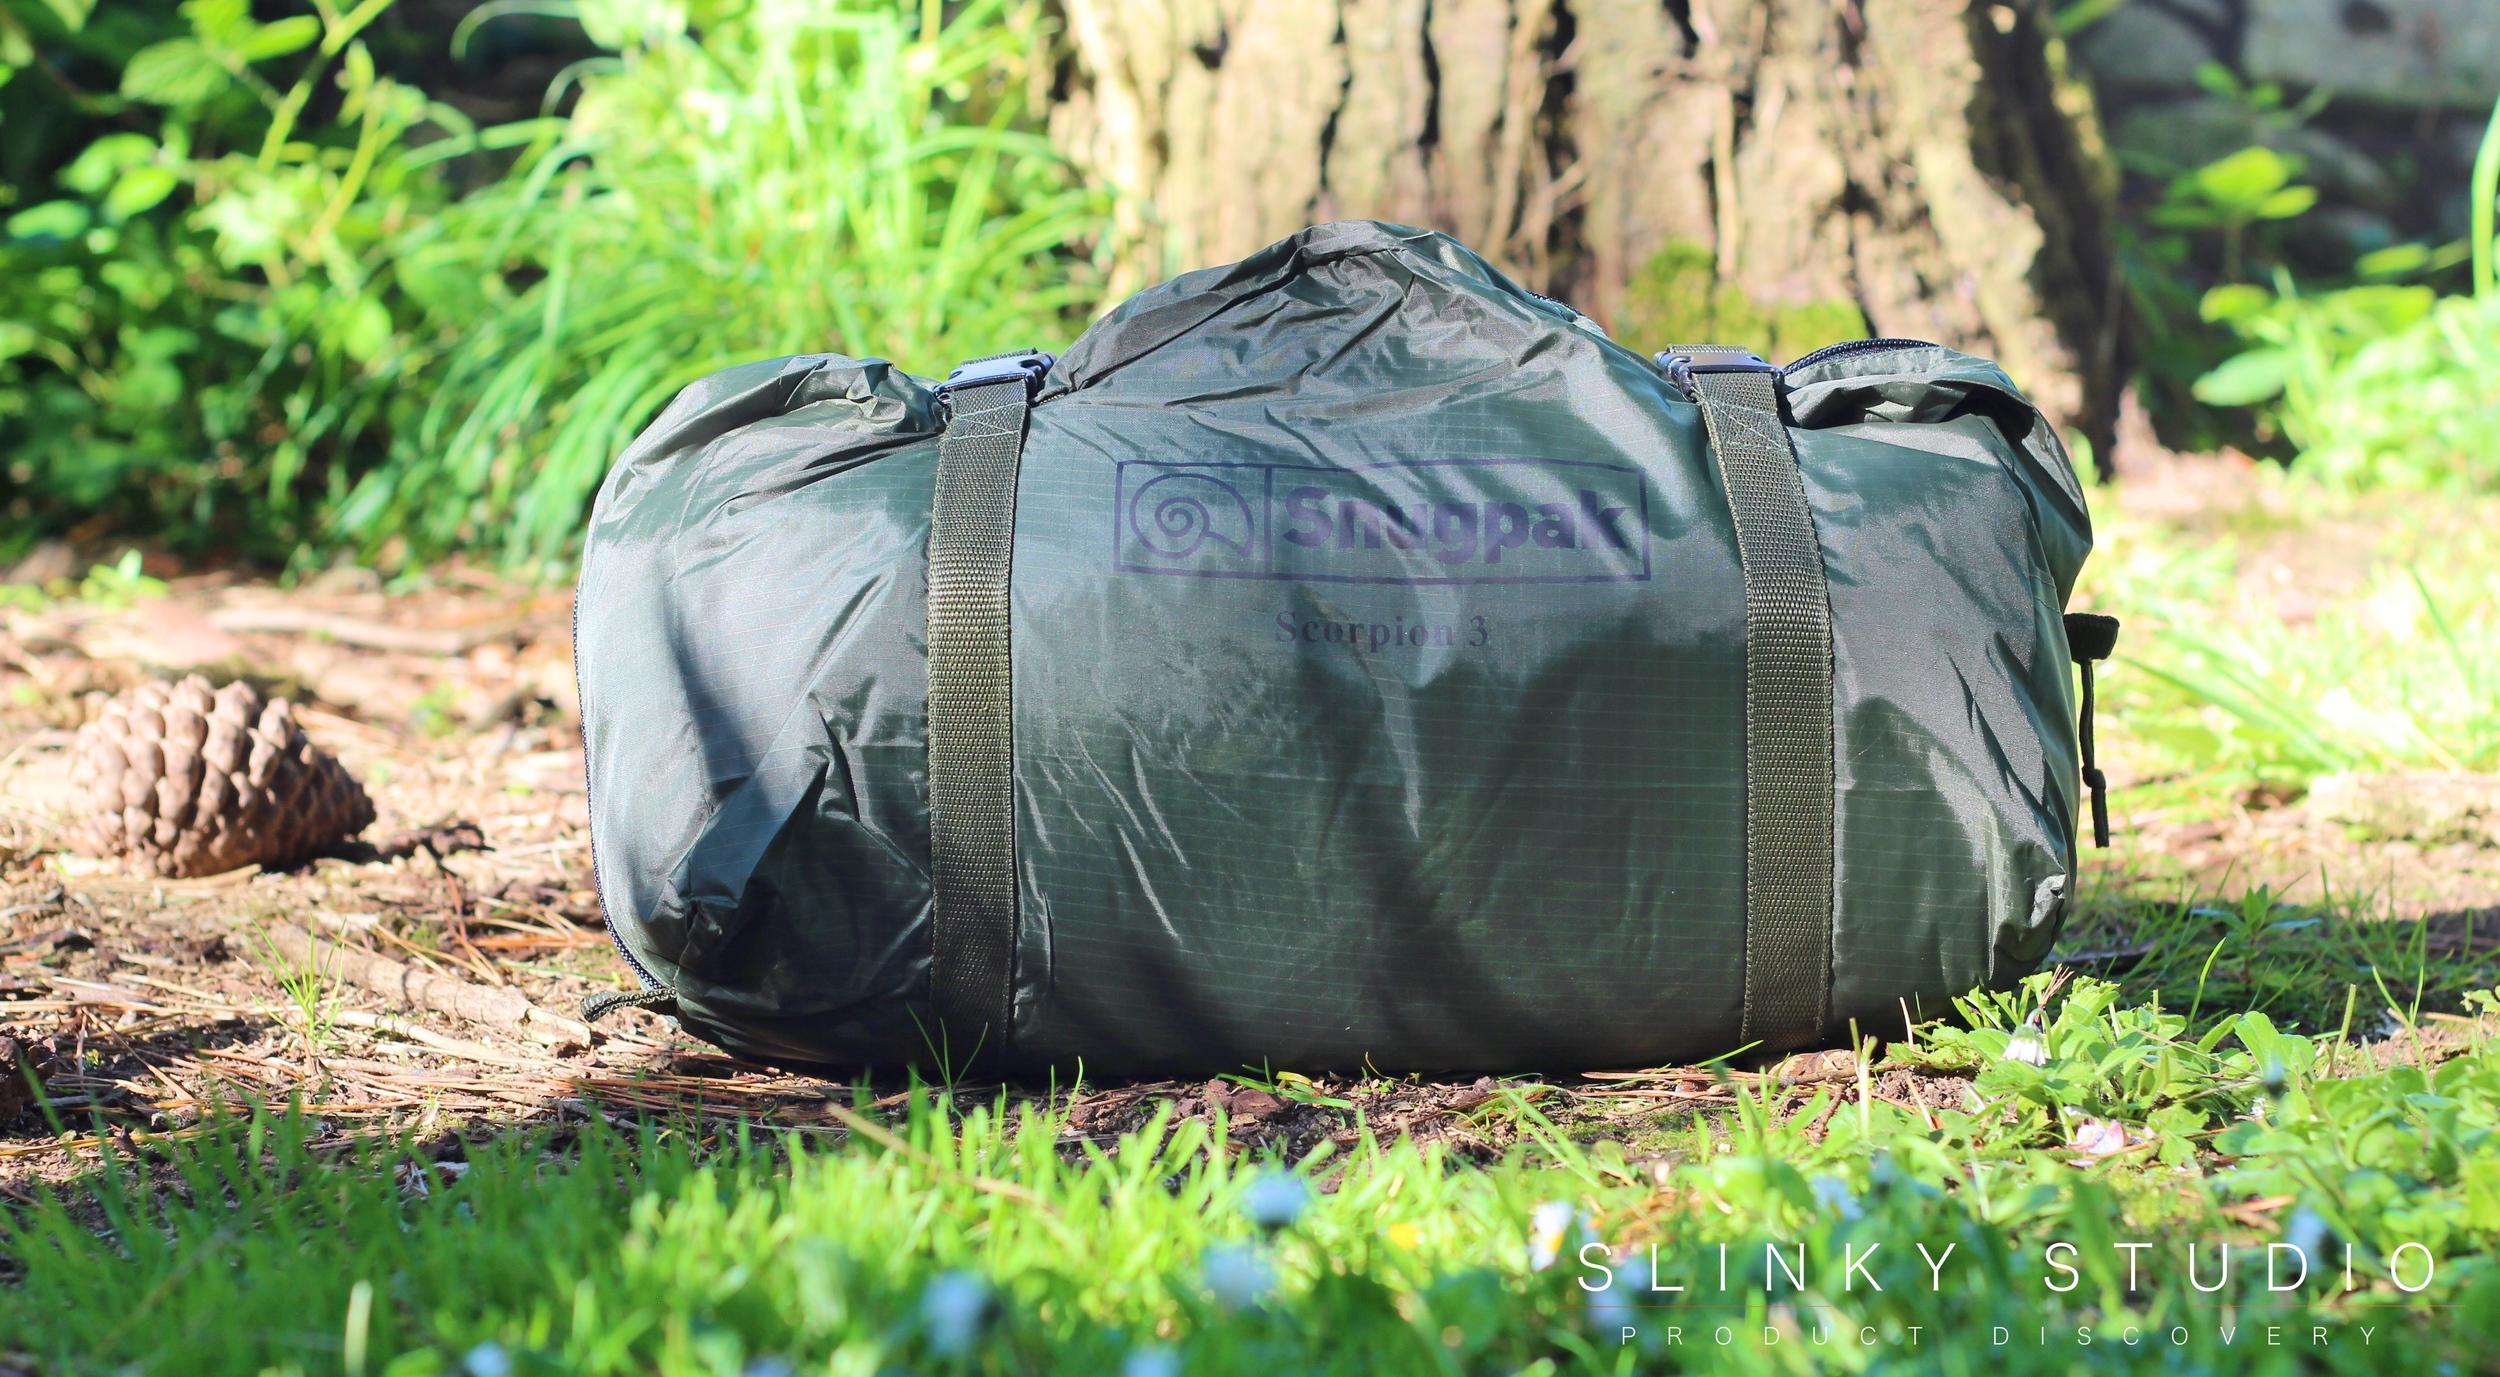 Snugpak Scorpion 3 Tent Bag.jpg